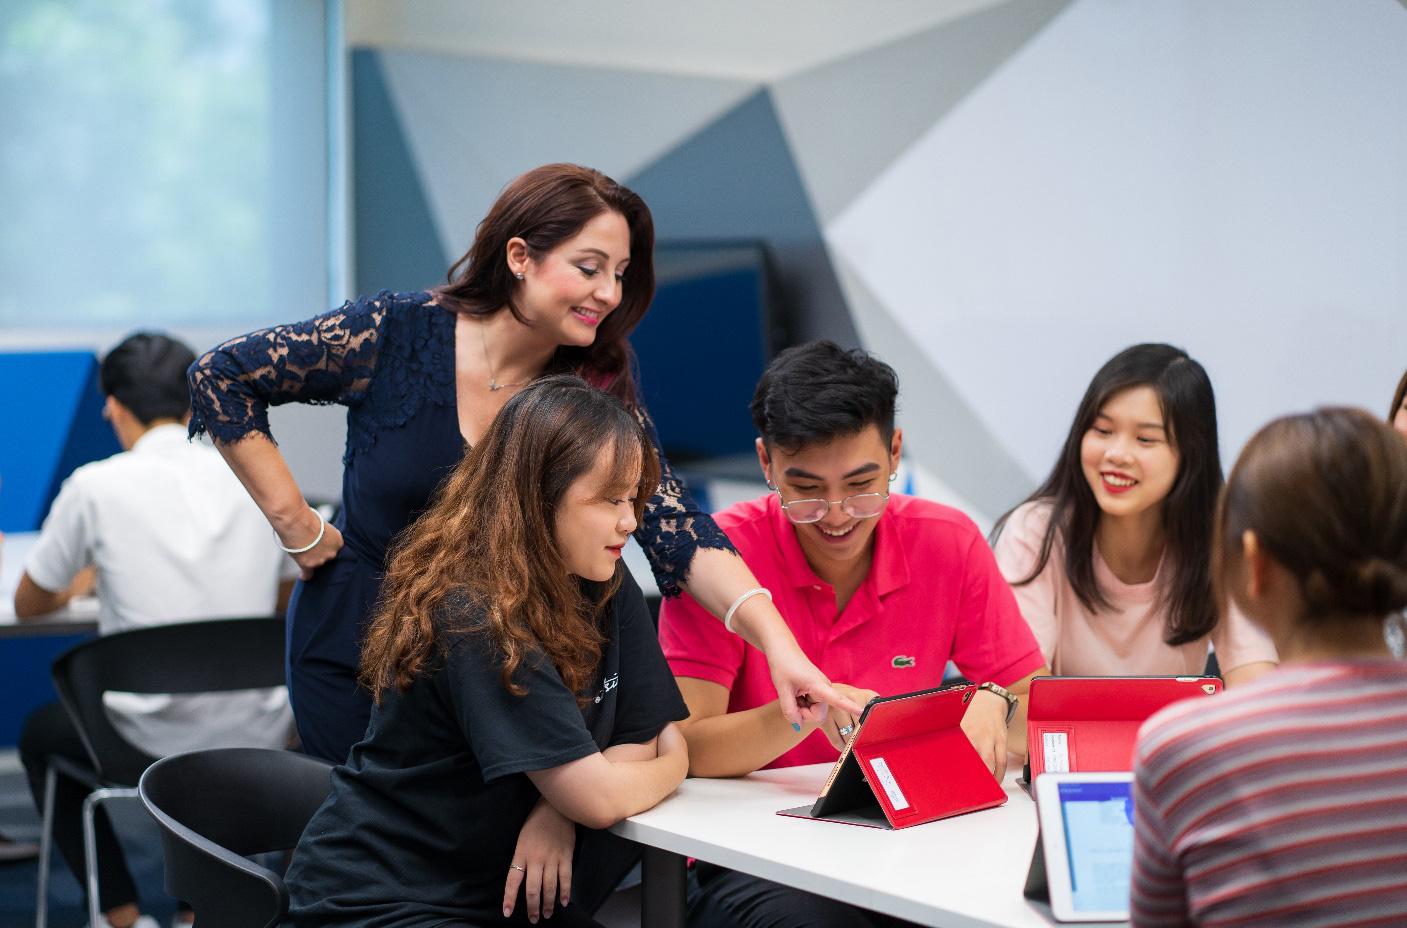 Trường Đại học Anh Quốc Việt Nam nâng giá trị quỹ học bổng và hỗ trợ tài chính lên 53 tỷ đồng - Ảnh 4.